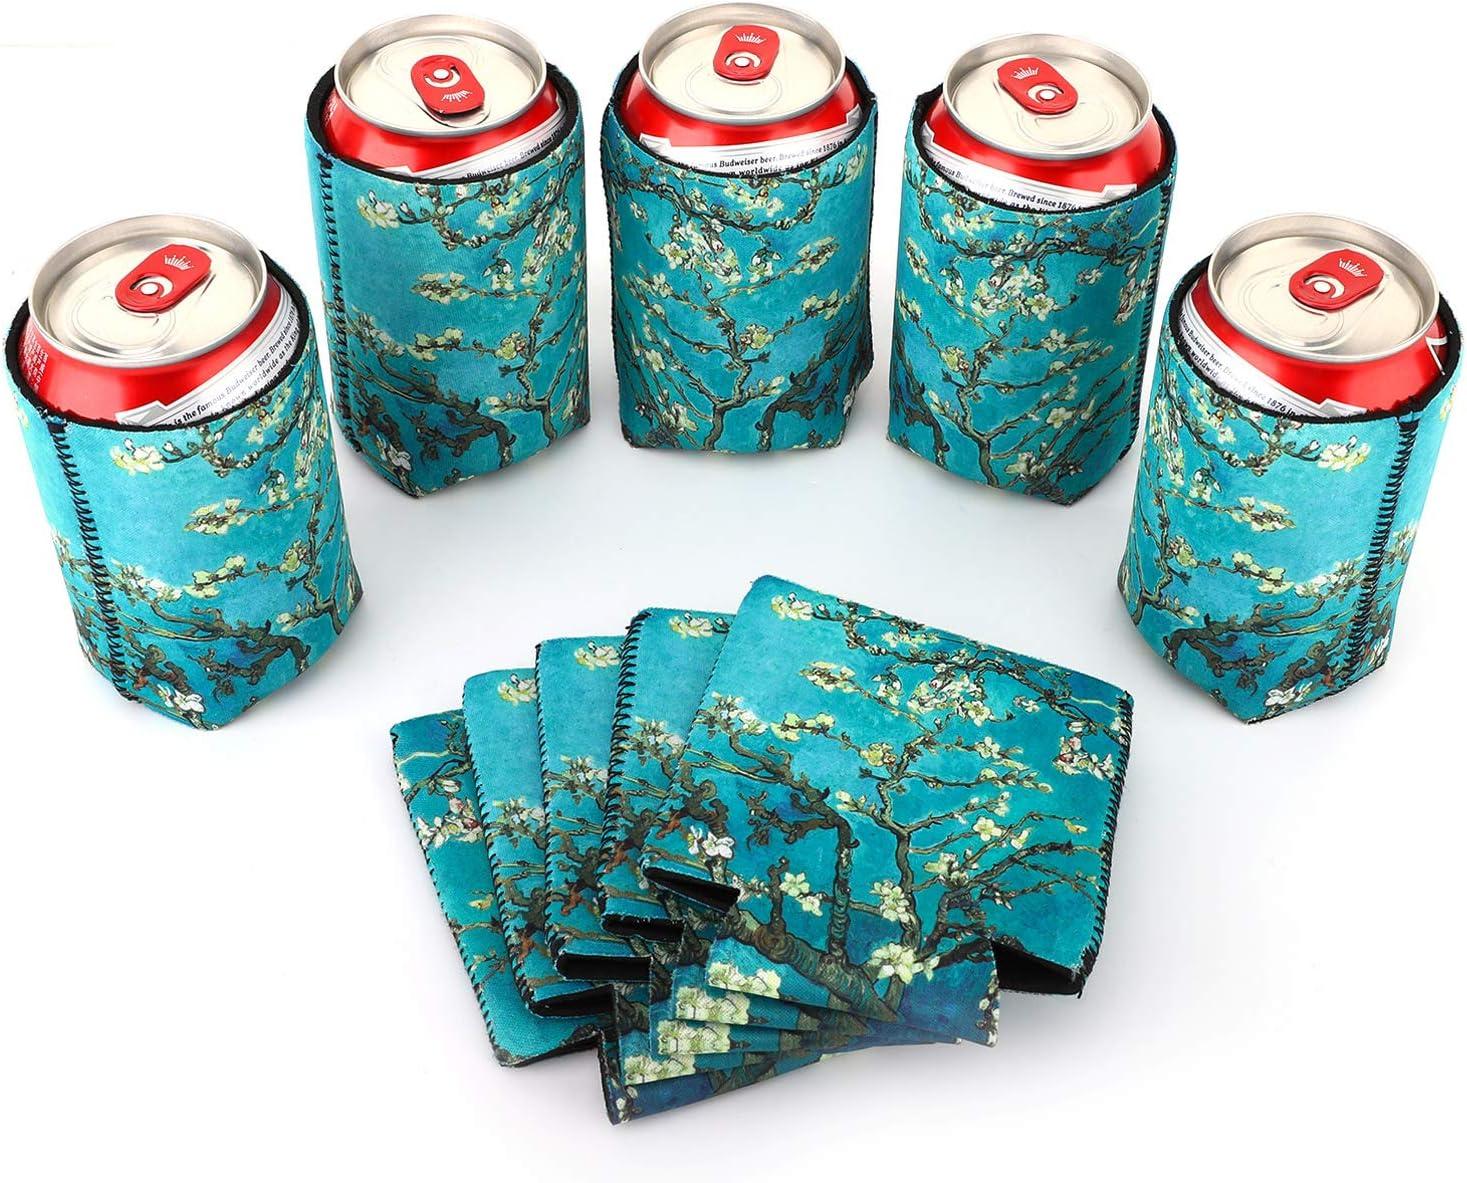 Nuovoware Funda de Enfriadores de Latas de Neoprenos, [10-PZS] Premium Cubierta de Aislamiento para Latas Botellas Cerveza Refresco para Can, BBQ, Fiestas, DIY - Flor de Almendra